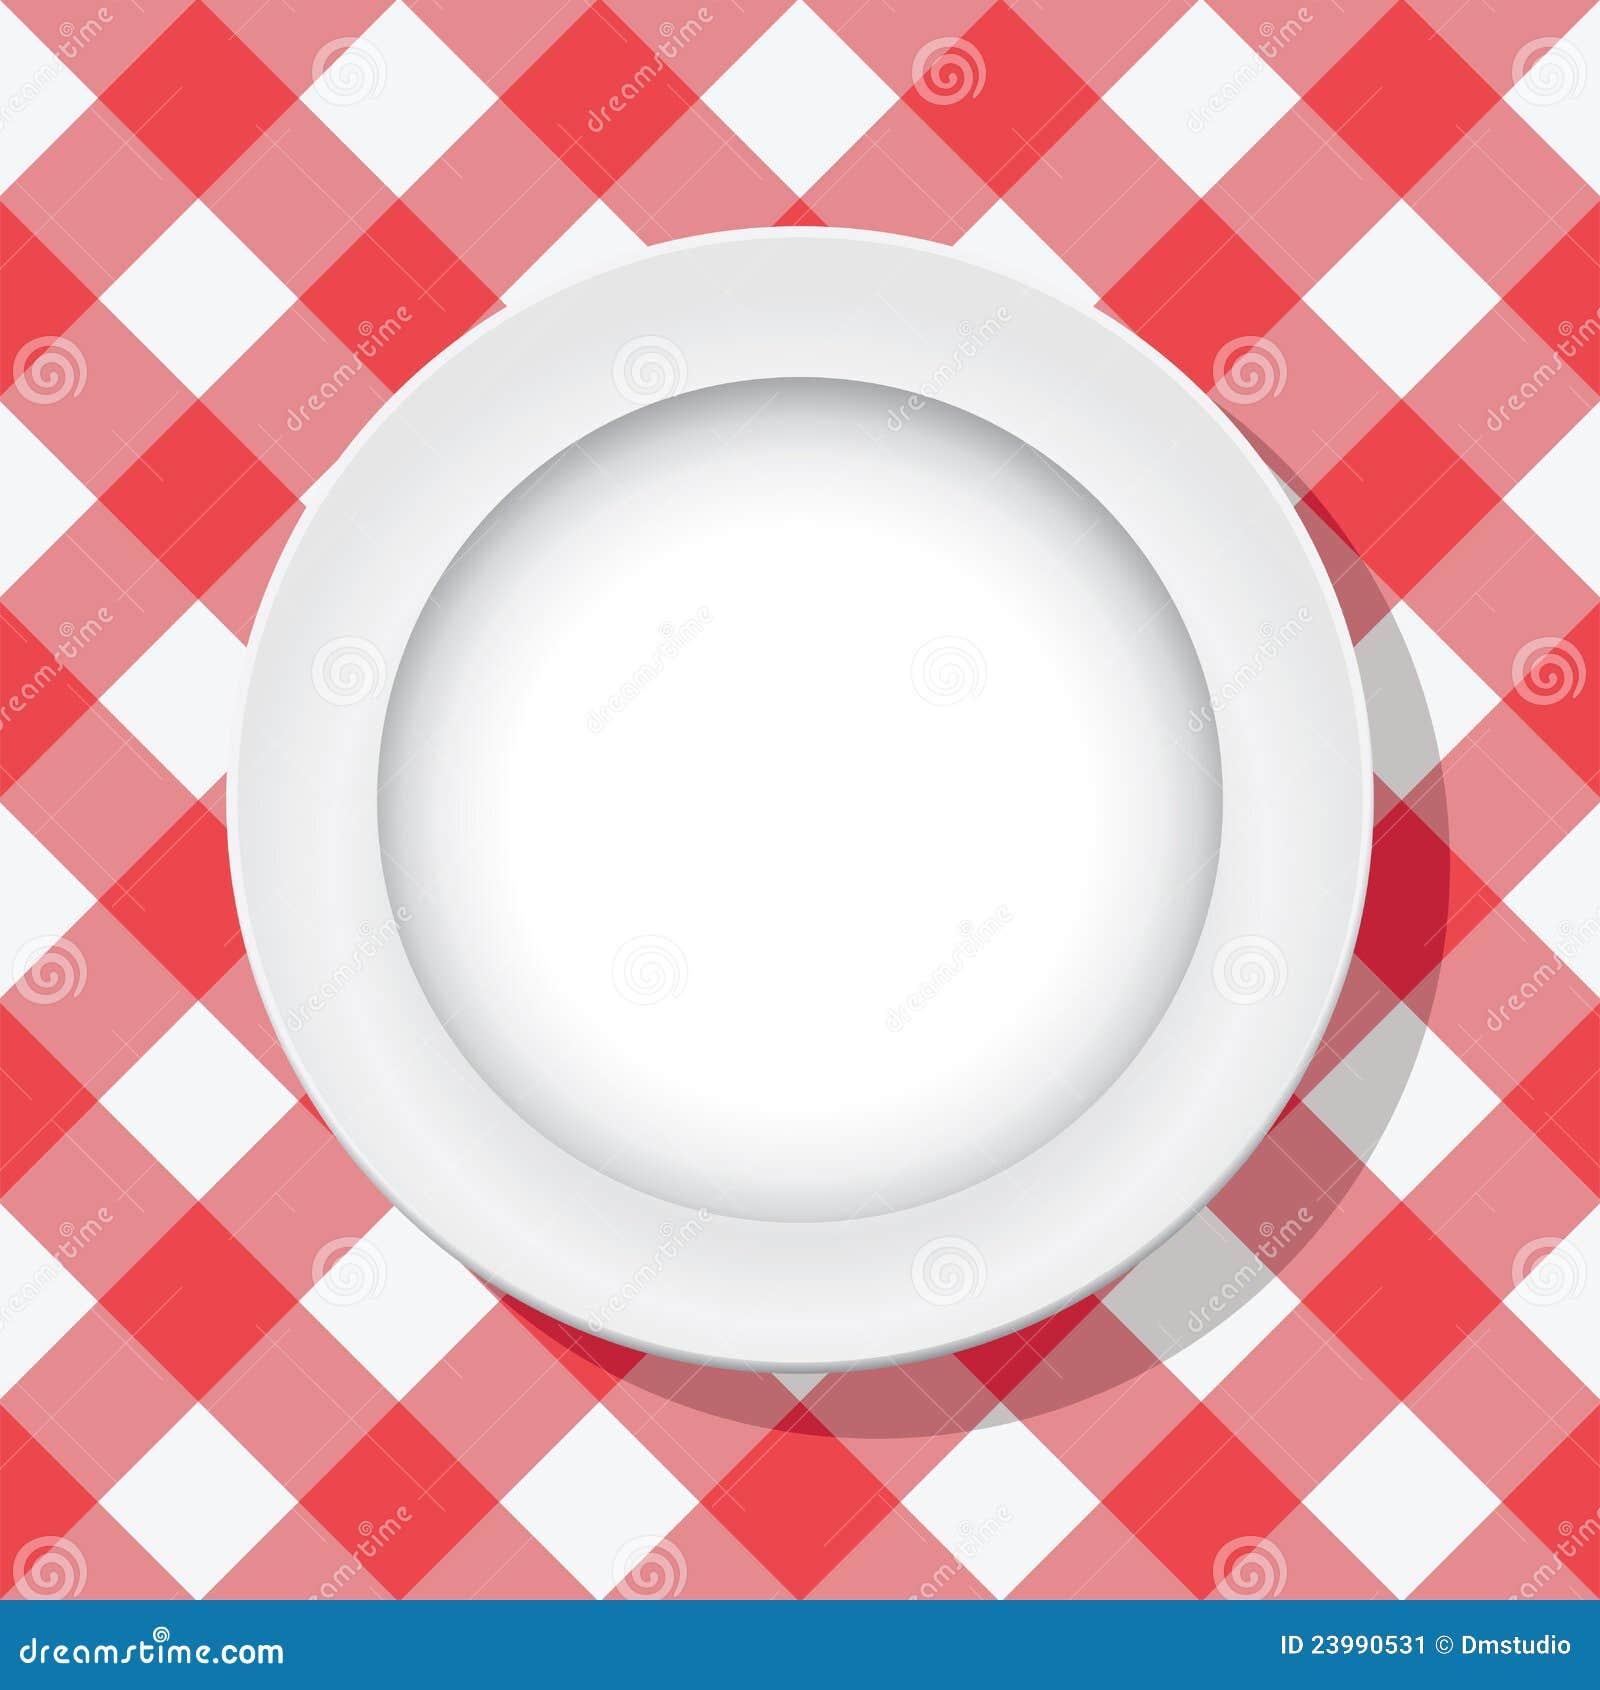 nappe de pique nique et plaque vide image stock image 23990531